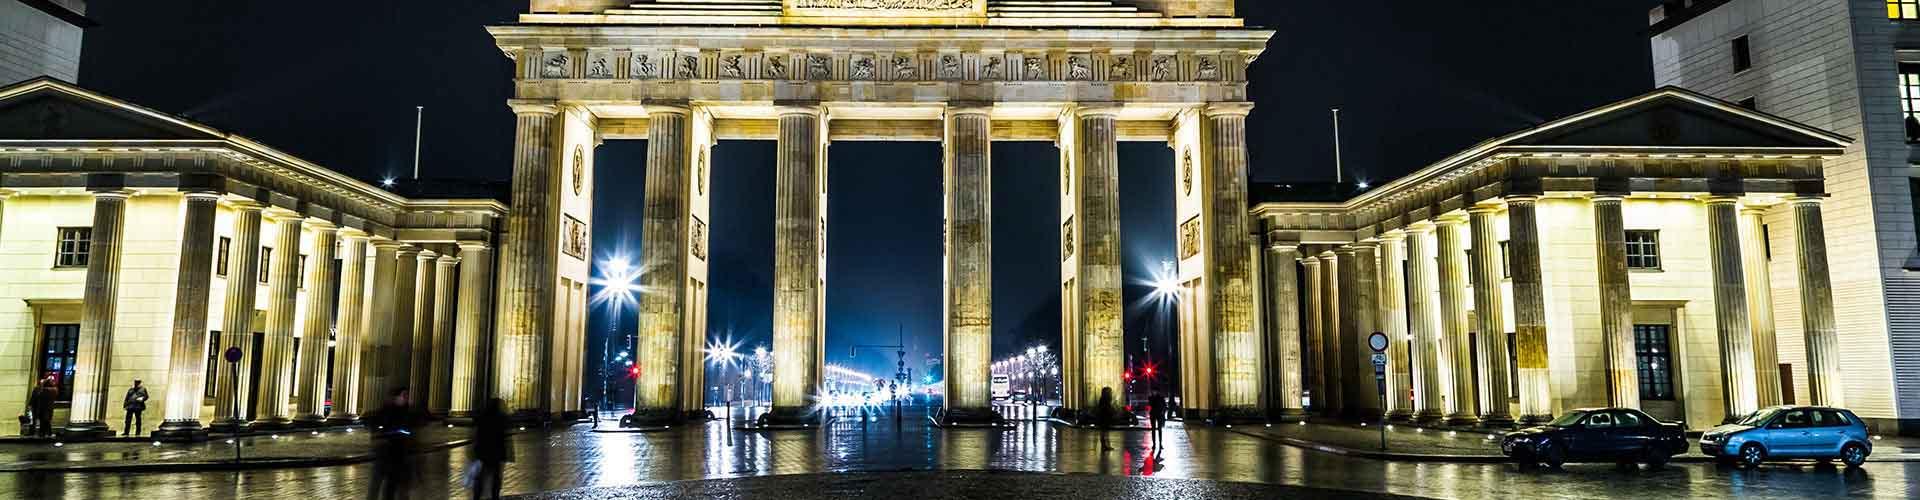 베를린 - 브란덴부르크 문에 가까운 호스텔. 베를린의 지도, 베를린에 위치한 호스텔에 대한 사진 및 리뷰.